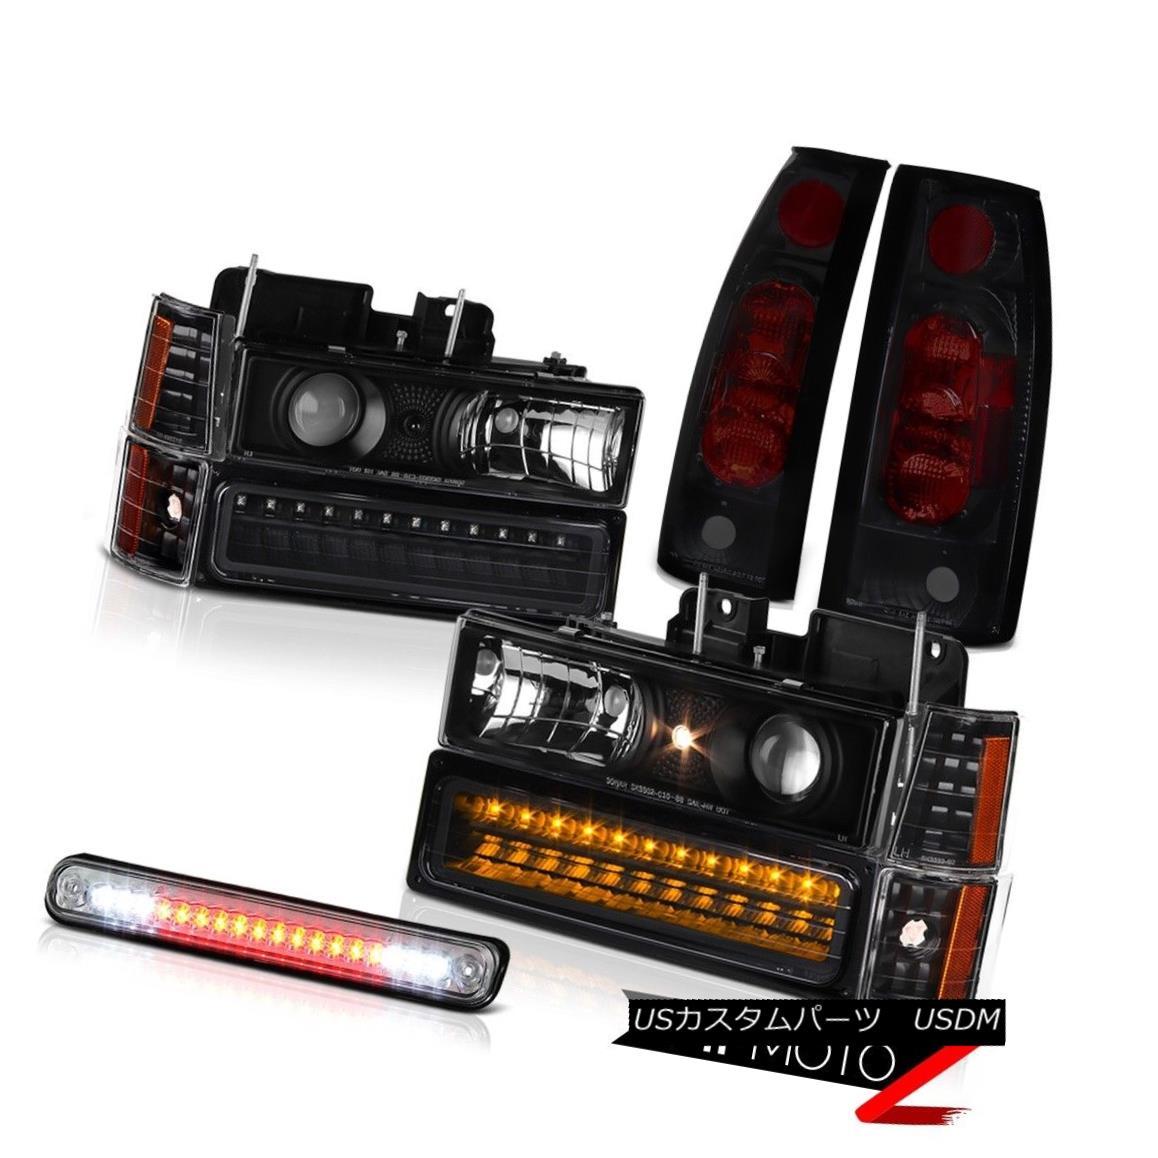 ヘッドライト Black DRL Headlamps Smoke Tail Lamps Chrome Third Brake Lamp 94 95 96 Sierra SLT ブラックDRLヘッドランプスモークテールランプクロームサードブレーキランプ94 95 96 Sierra SLT